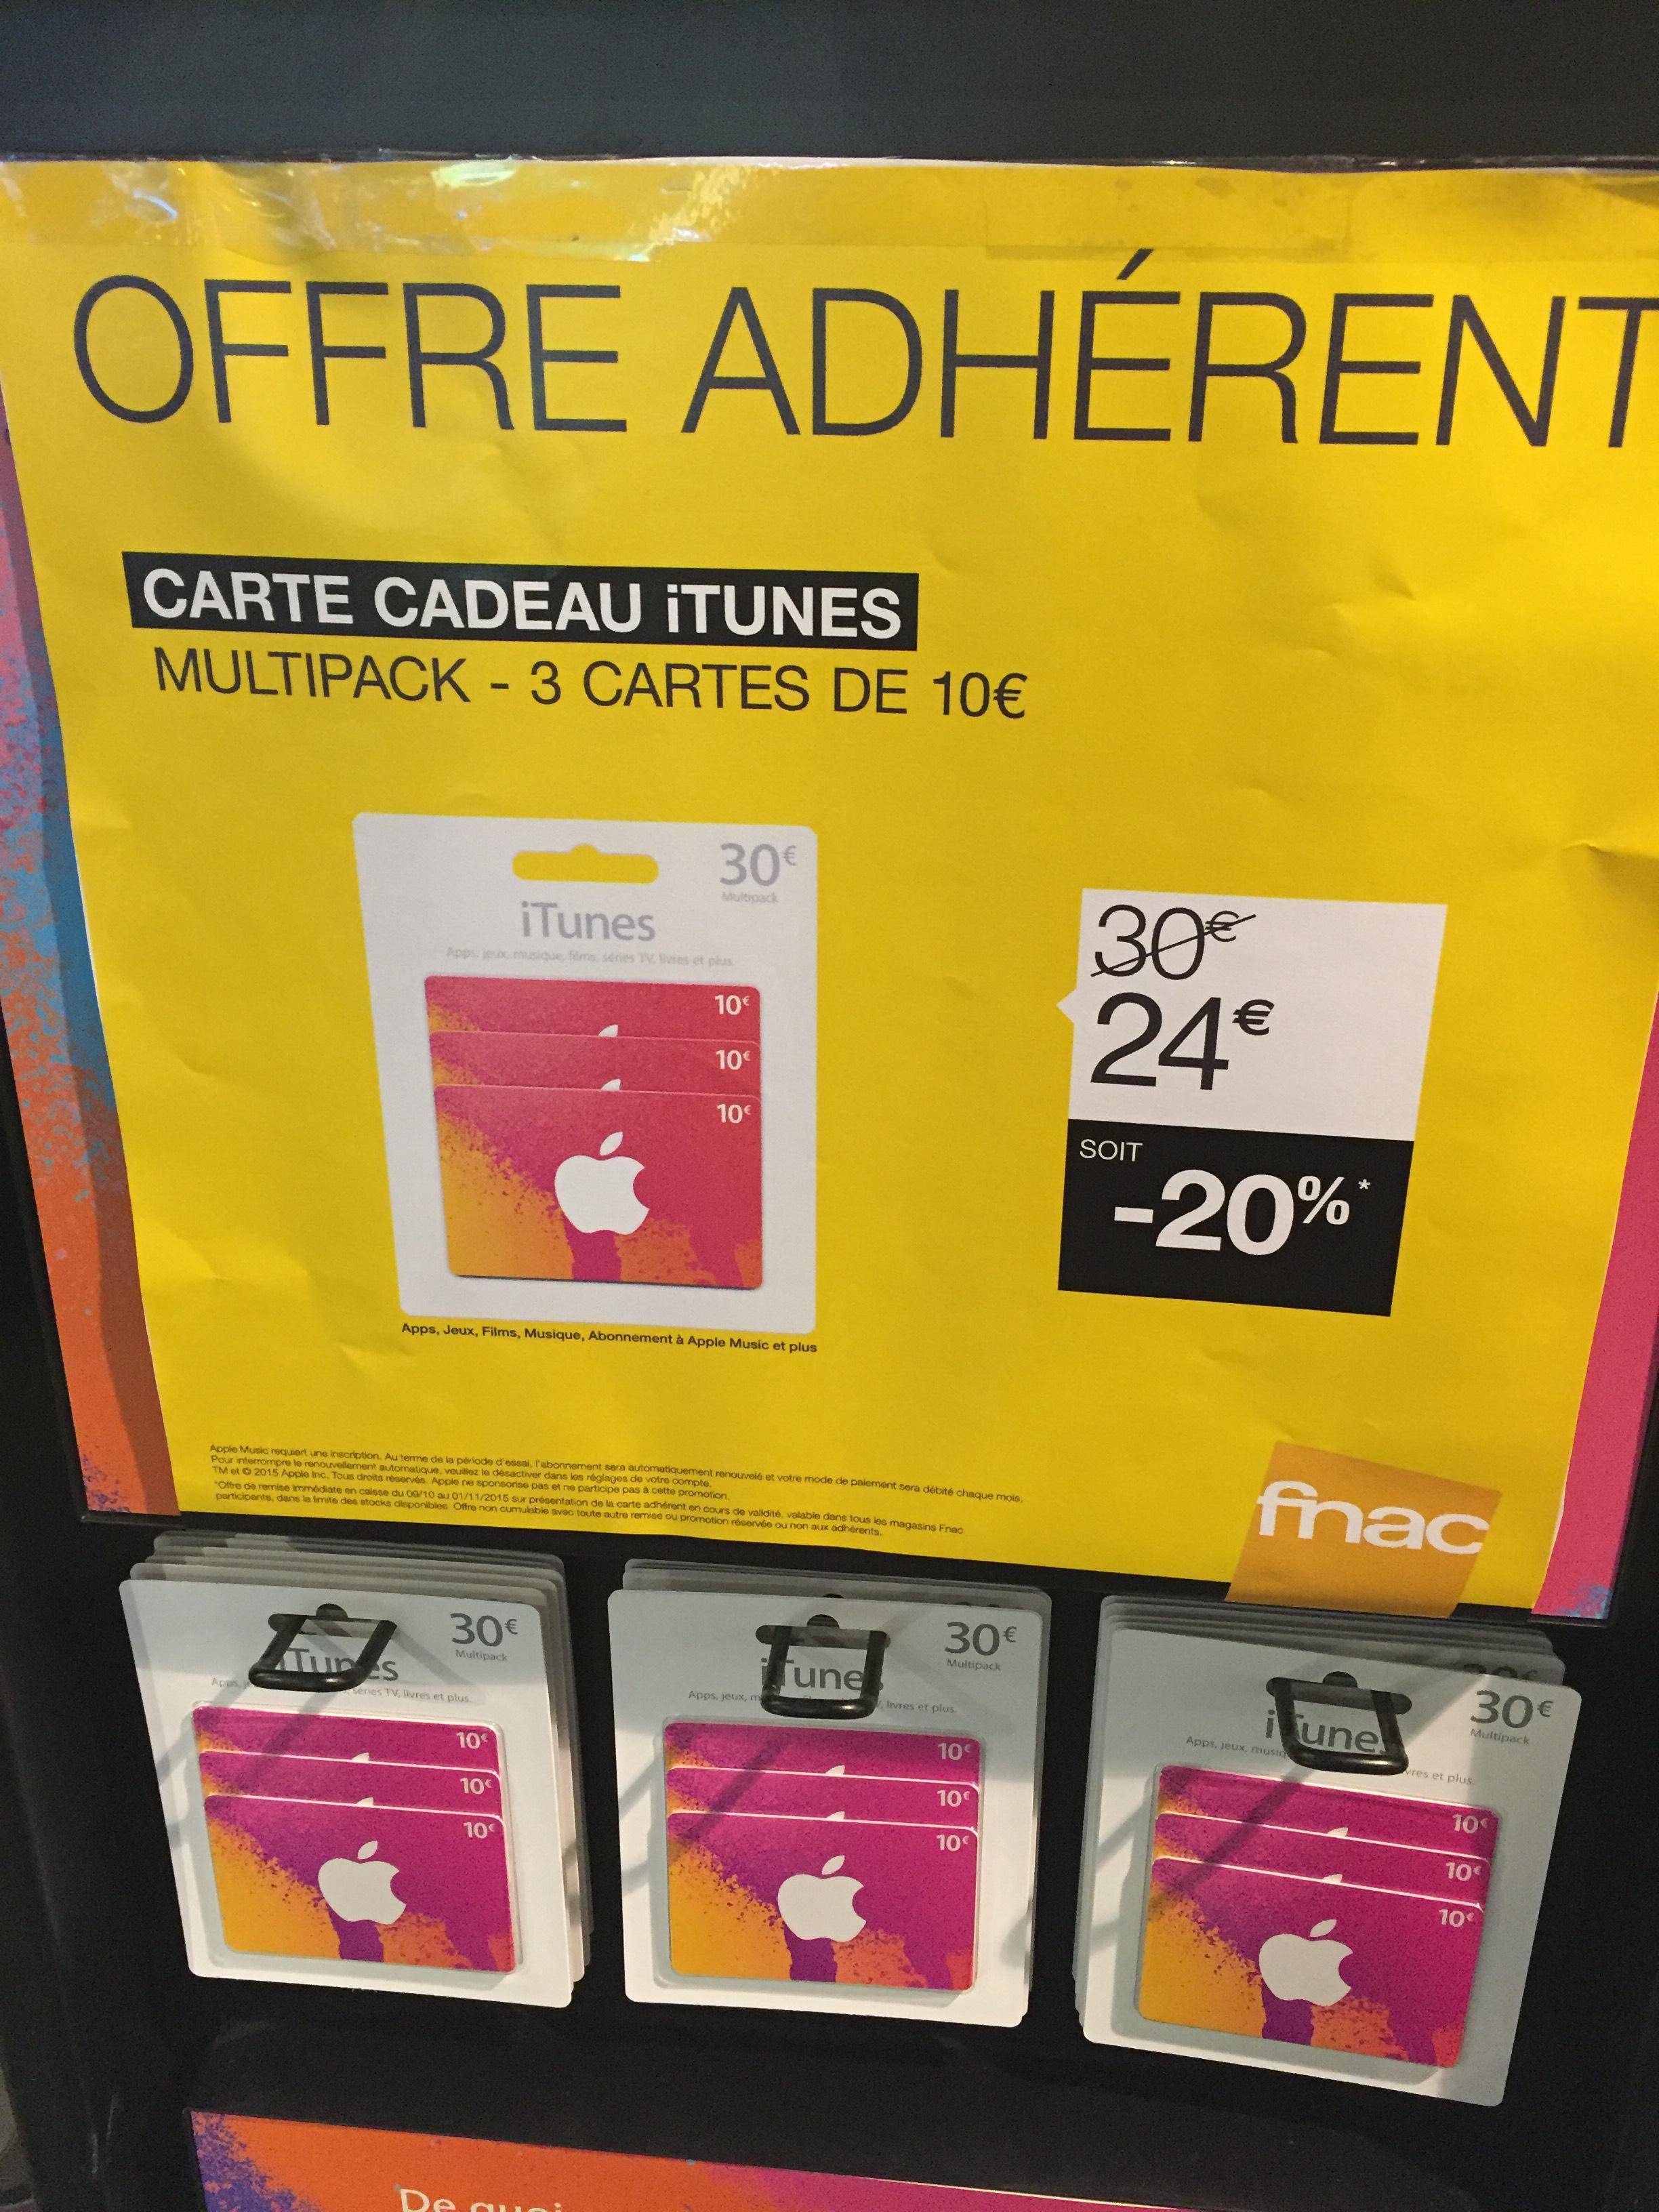 [Adhérents] Lot de 3 Cartes cadeau iTunes de 10€